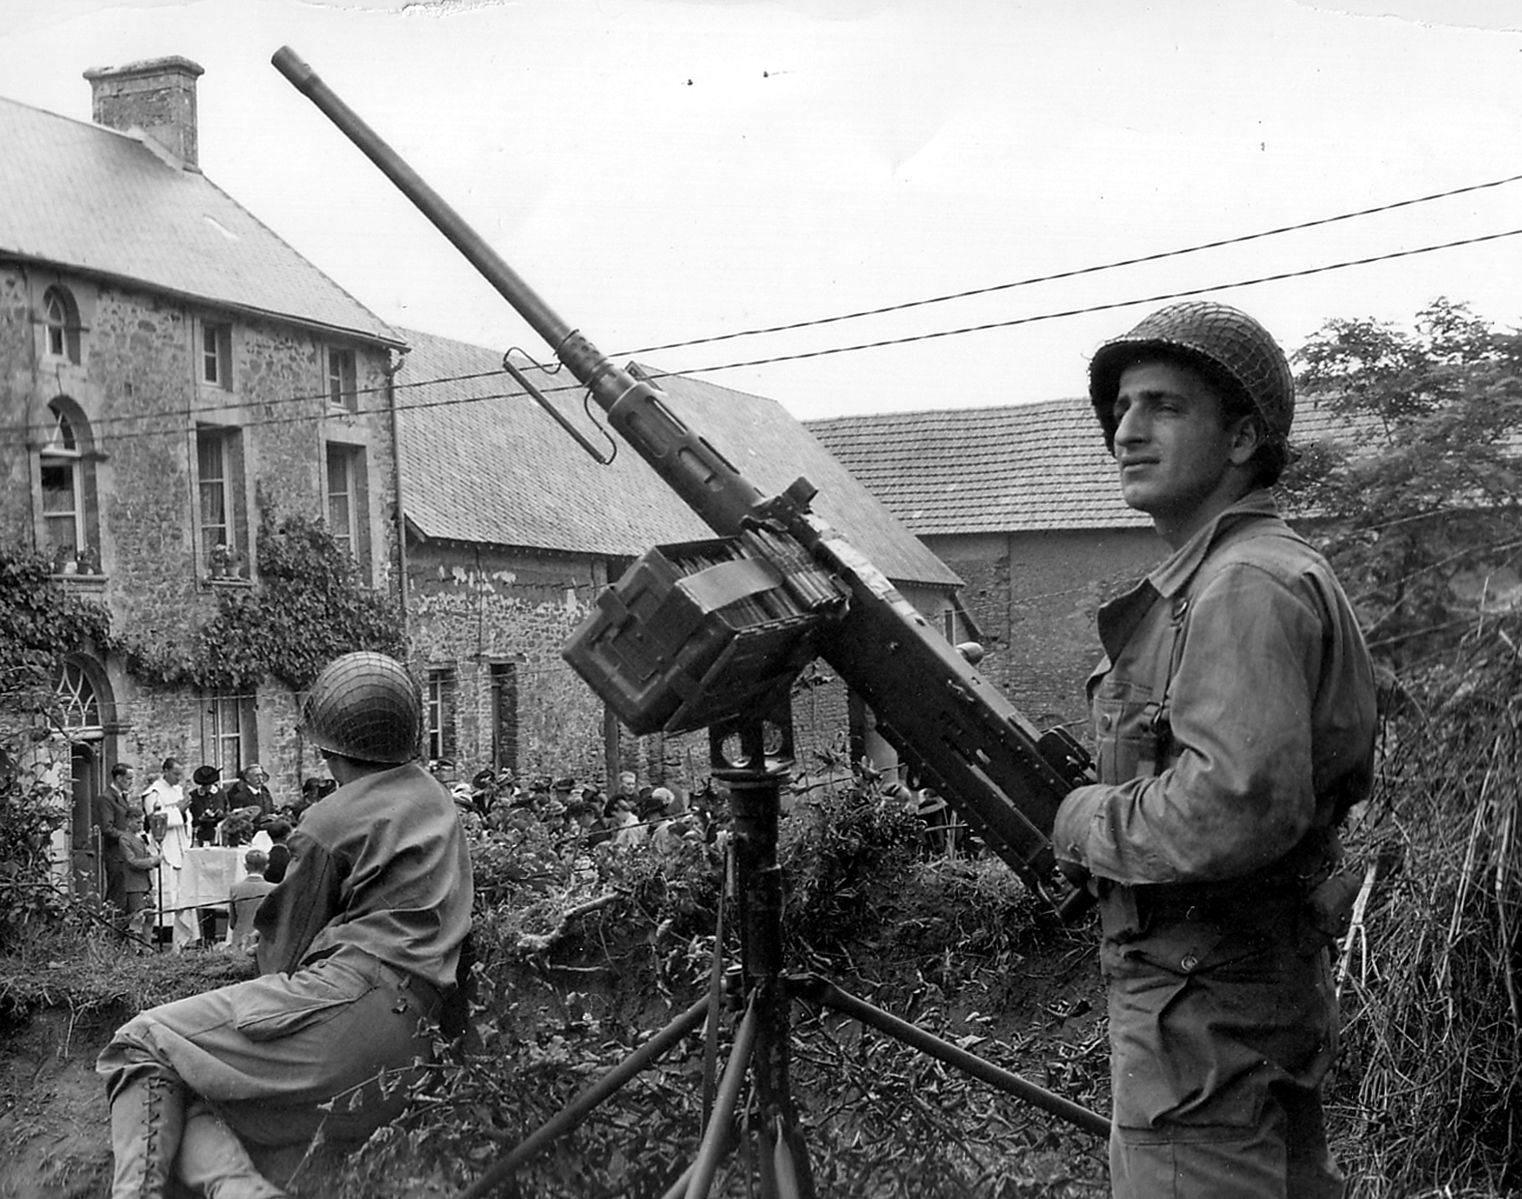 Browning M2HB Normandy - Un soldat américain avec une Browning M2HB en Normandie, 1944